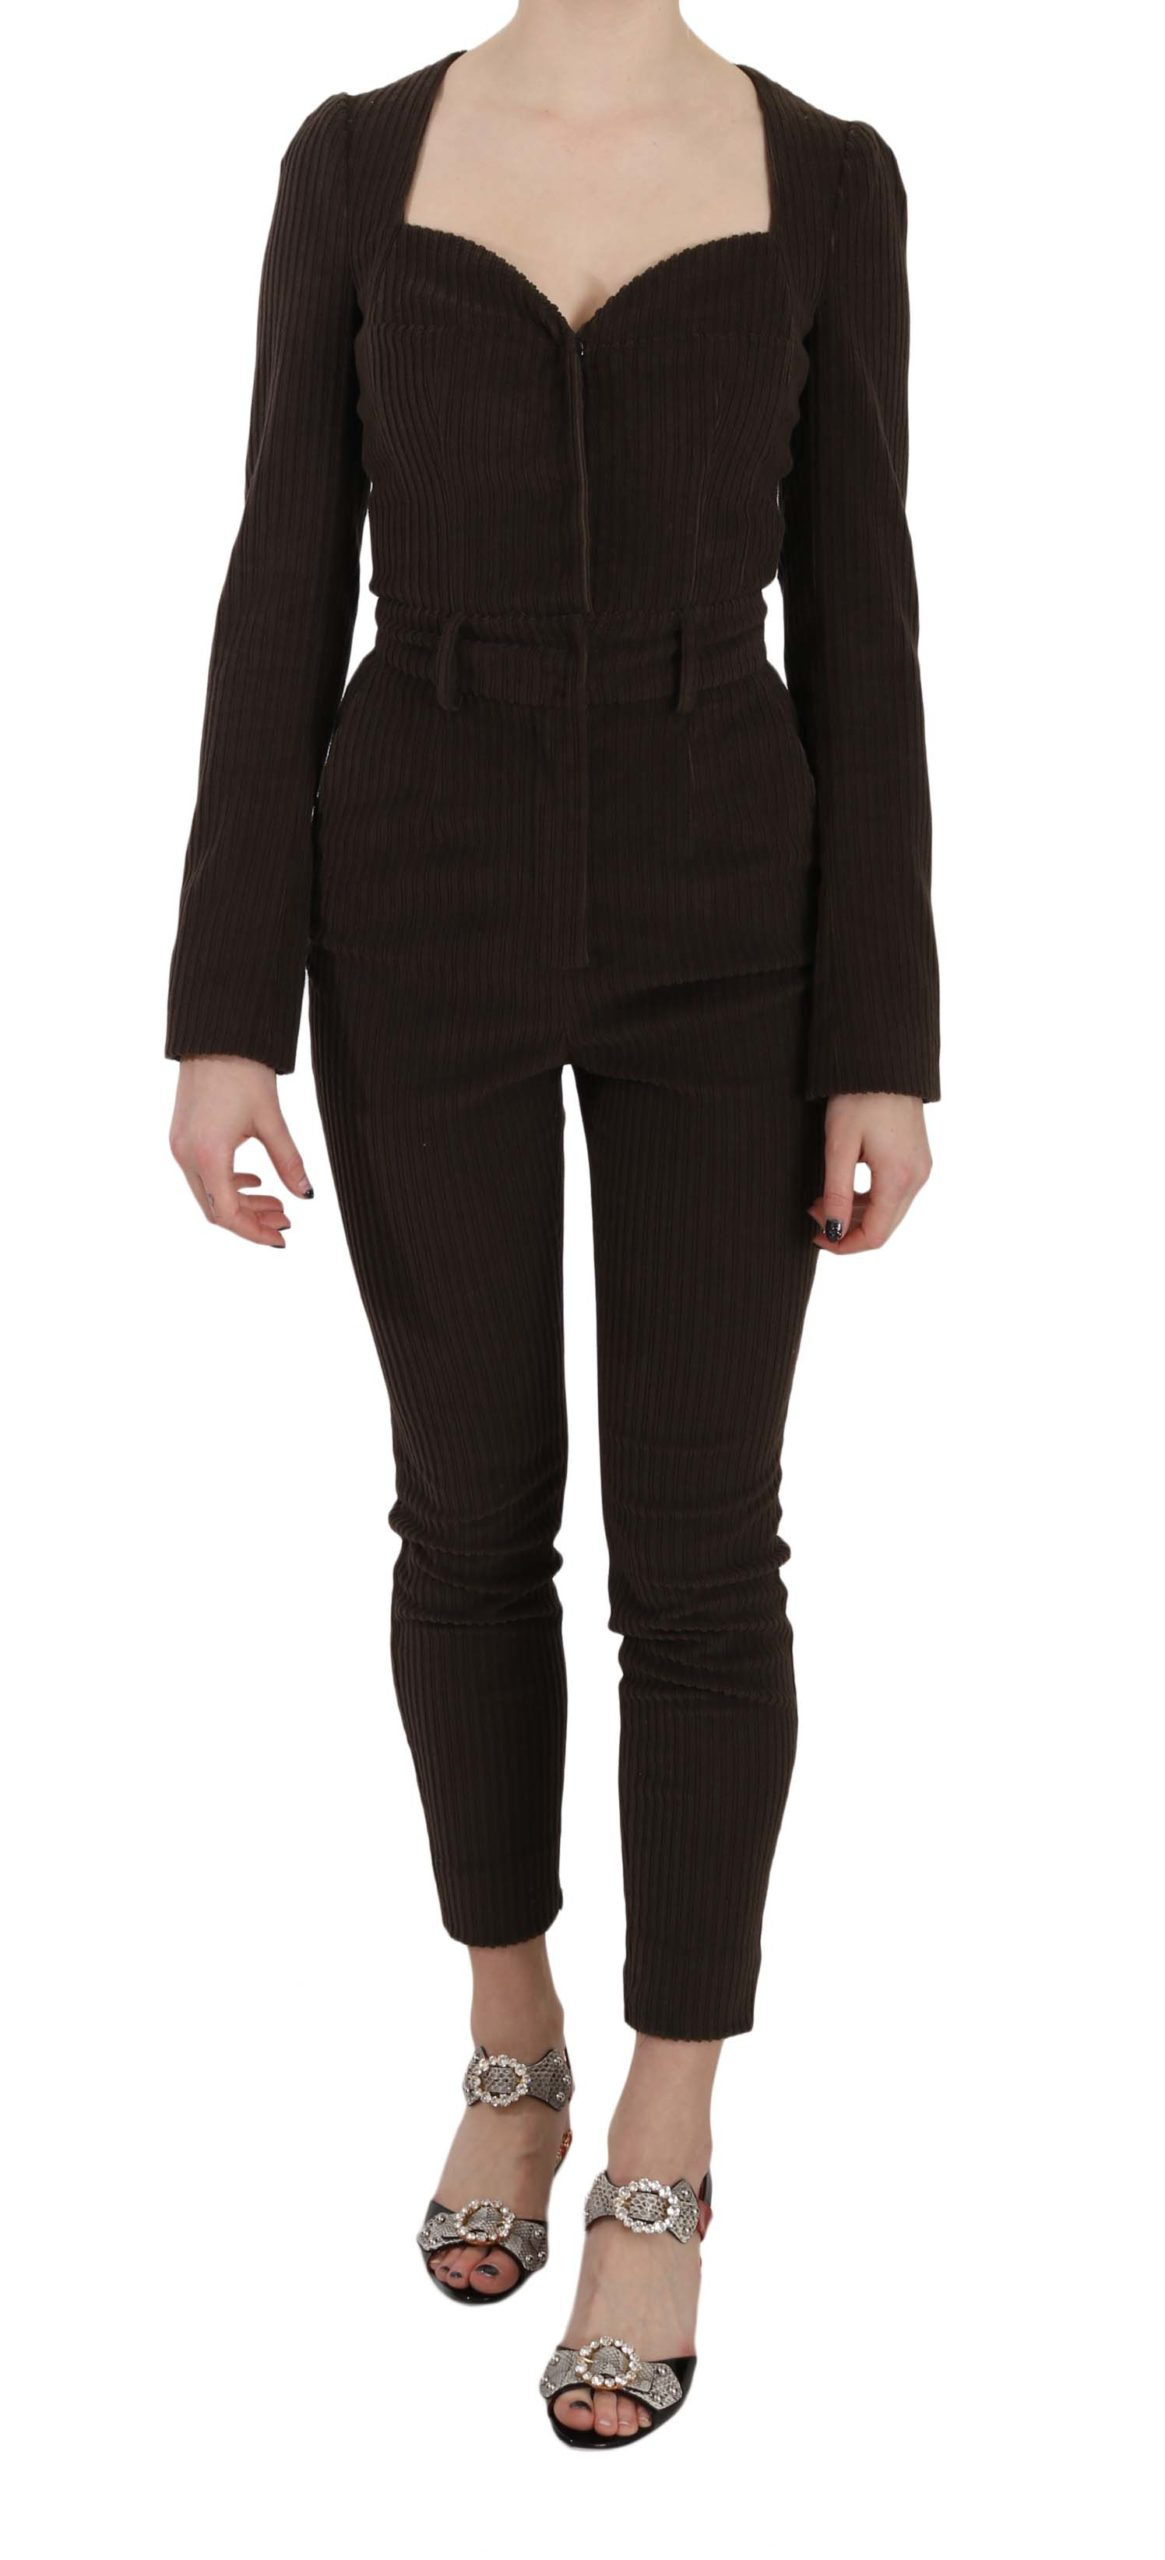 Dolce & Gabbana Women's Corduroy LS Cotton Dress Brown KOS1423 - IT40|S